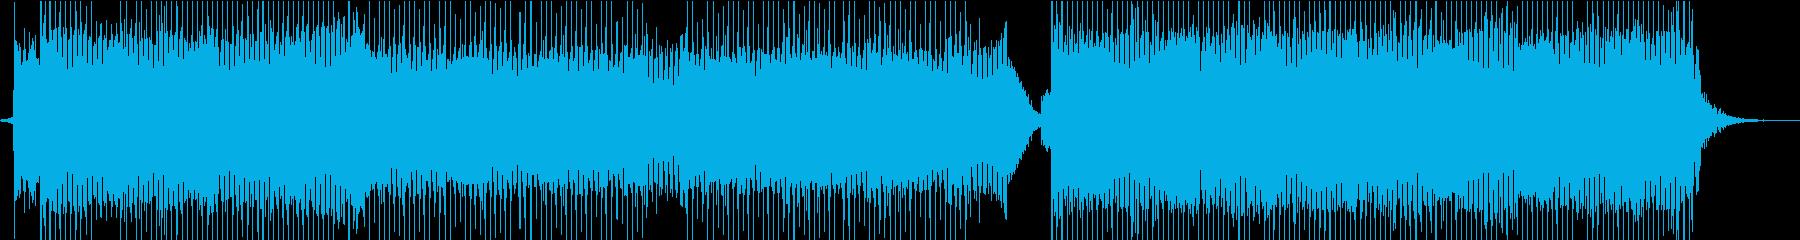 かわいいエレクトロポップダンスミュージッの再生済みの波形